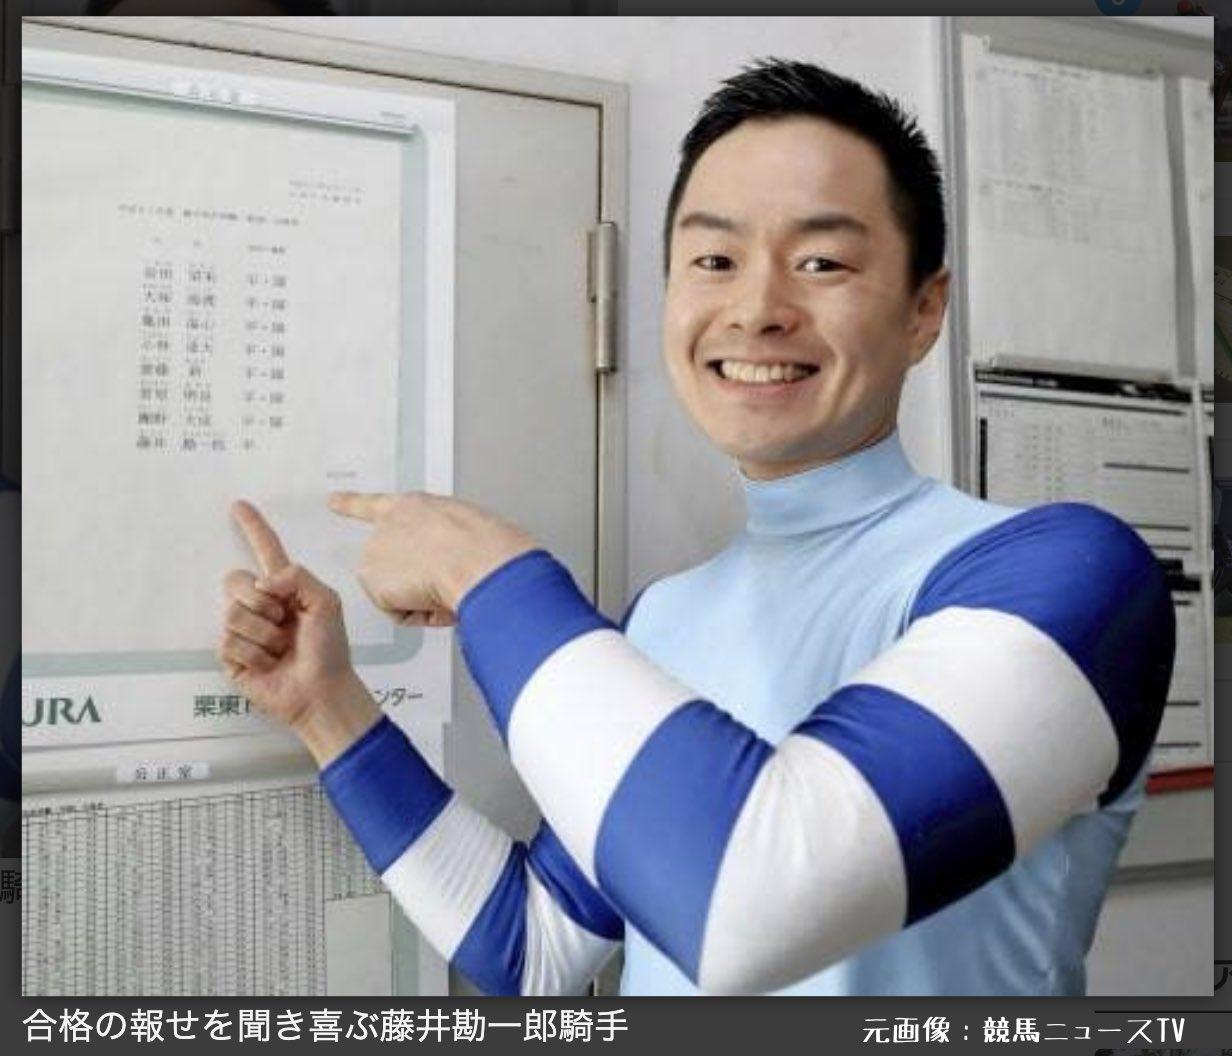 逆輸入ジョッキー藤井騎手がJRA試験合格を喜ぶ写真